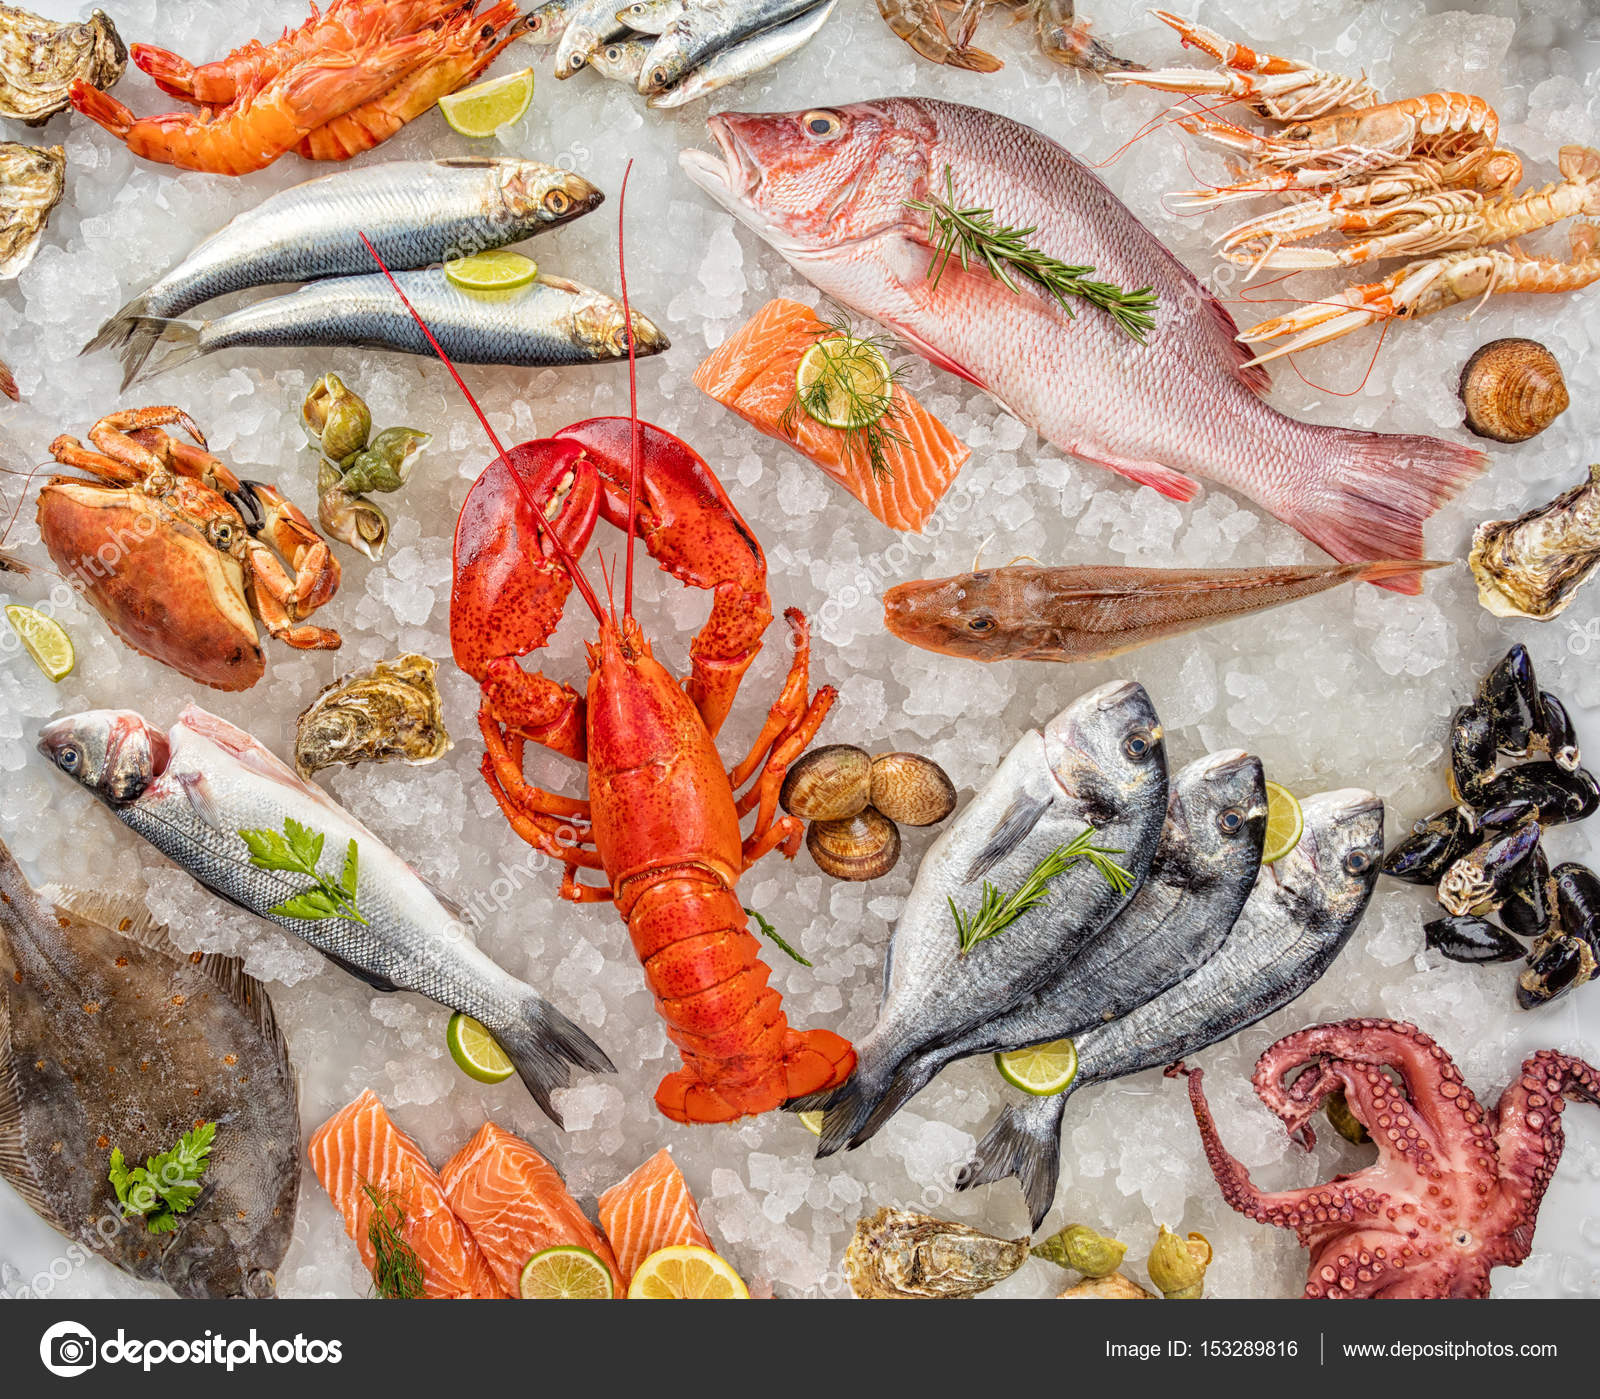 Muchos tipos de pescados y mariscos servidos sobre hielo for Canelones de pescado y marisco